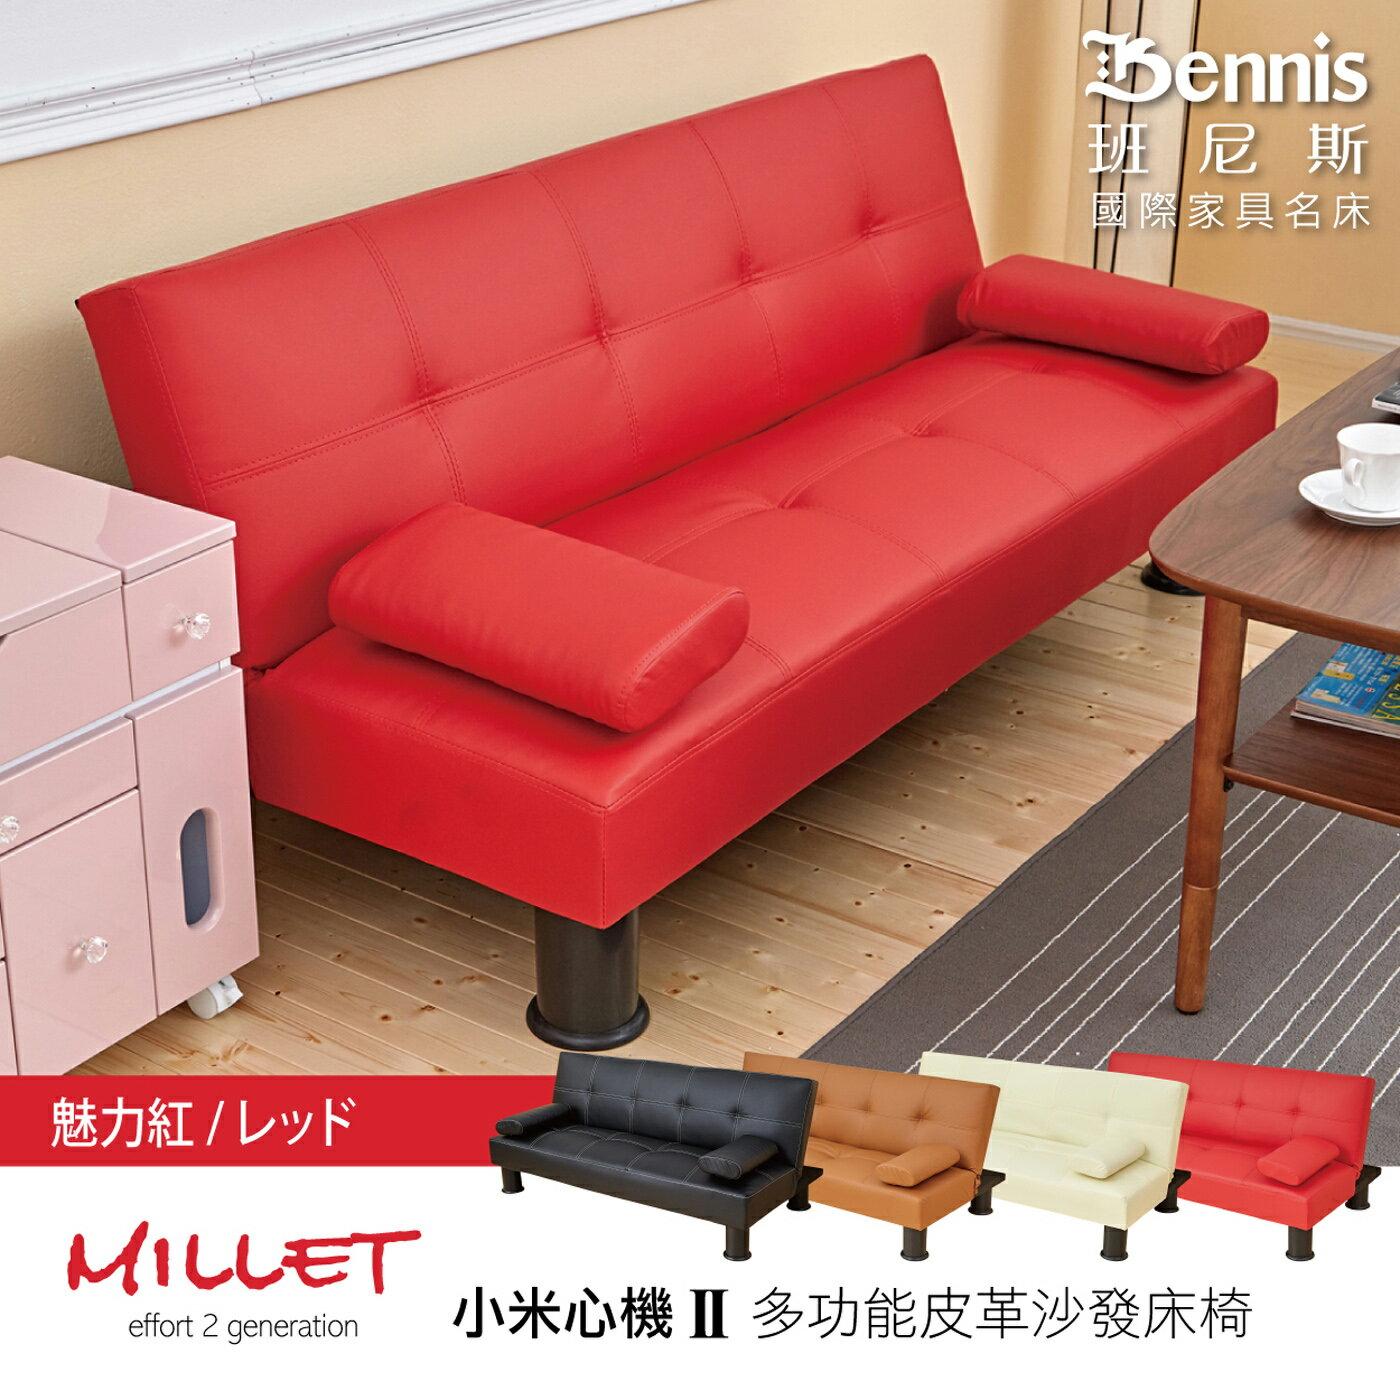 【Millet 小米心機 II代】 皮革多人座優質沙發床(升級加贈兩個抱枕) ★班尼斯國際家具名床 1